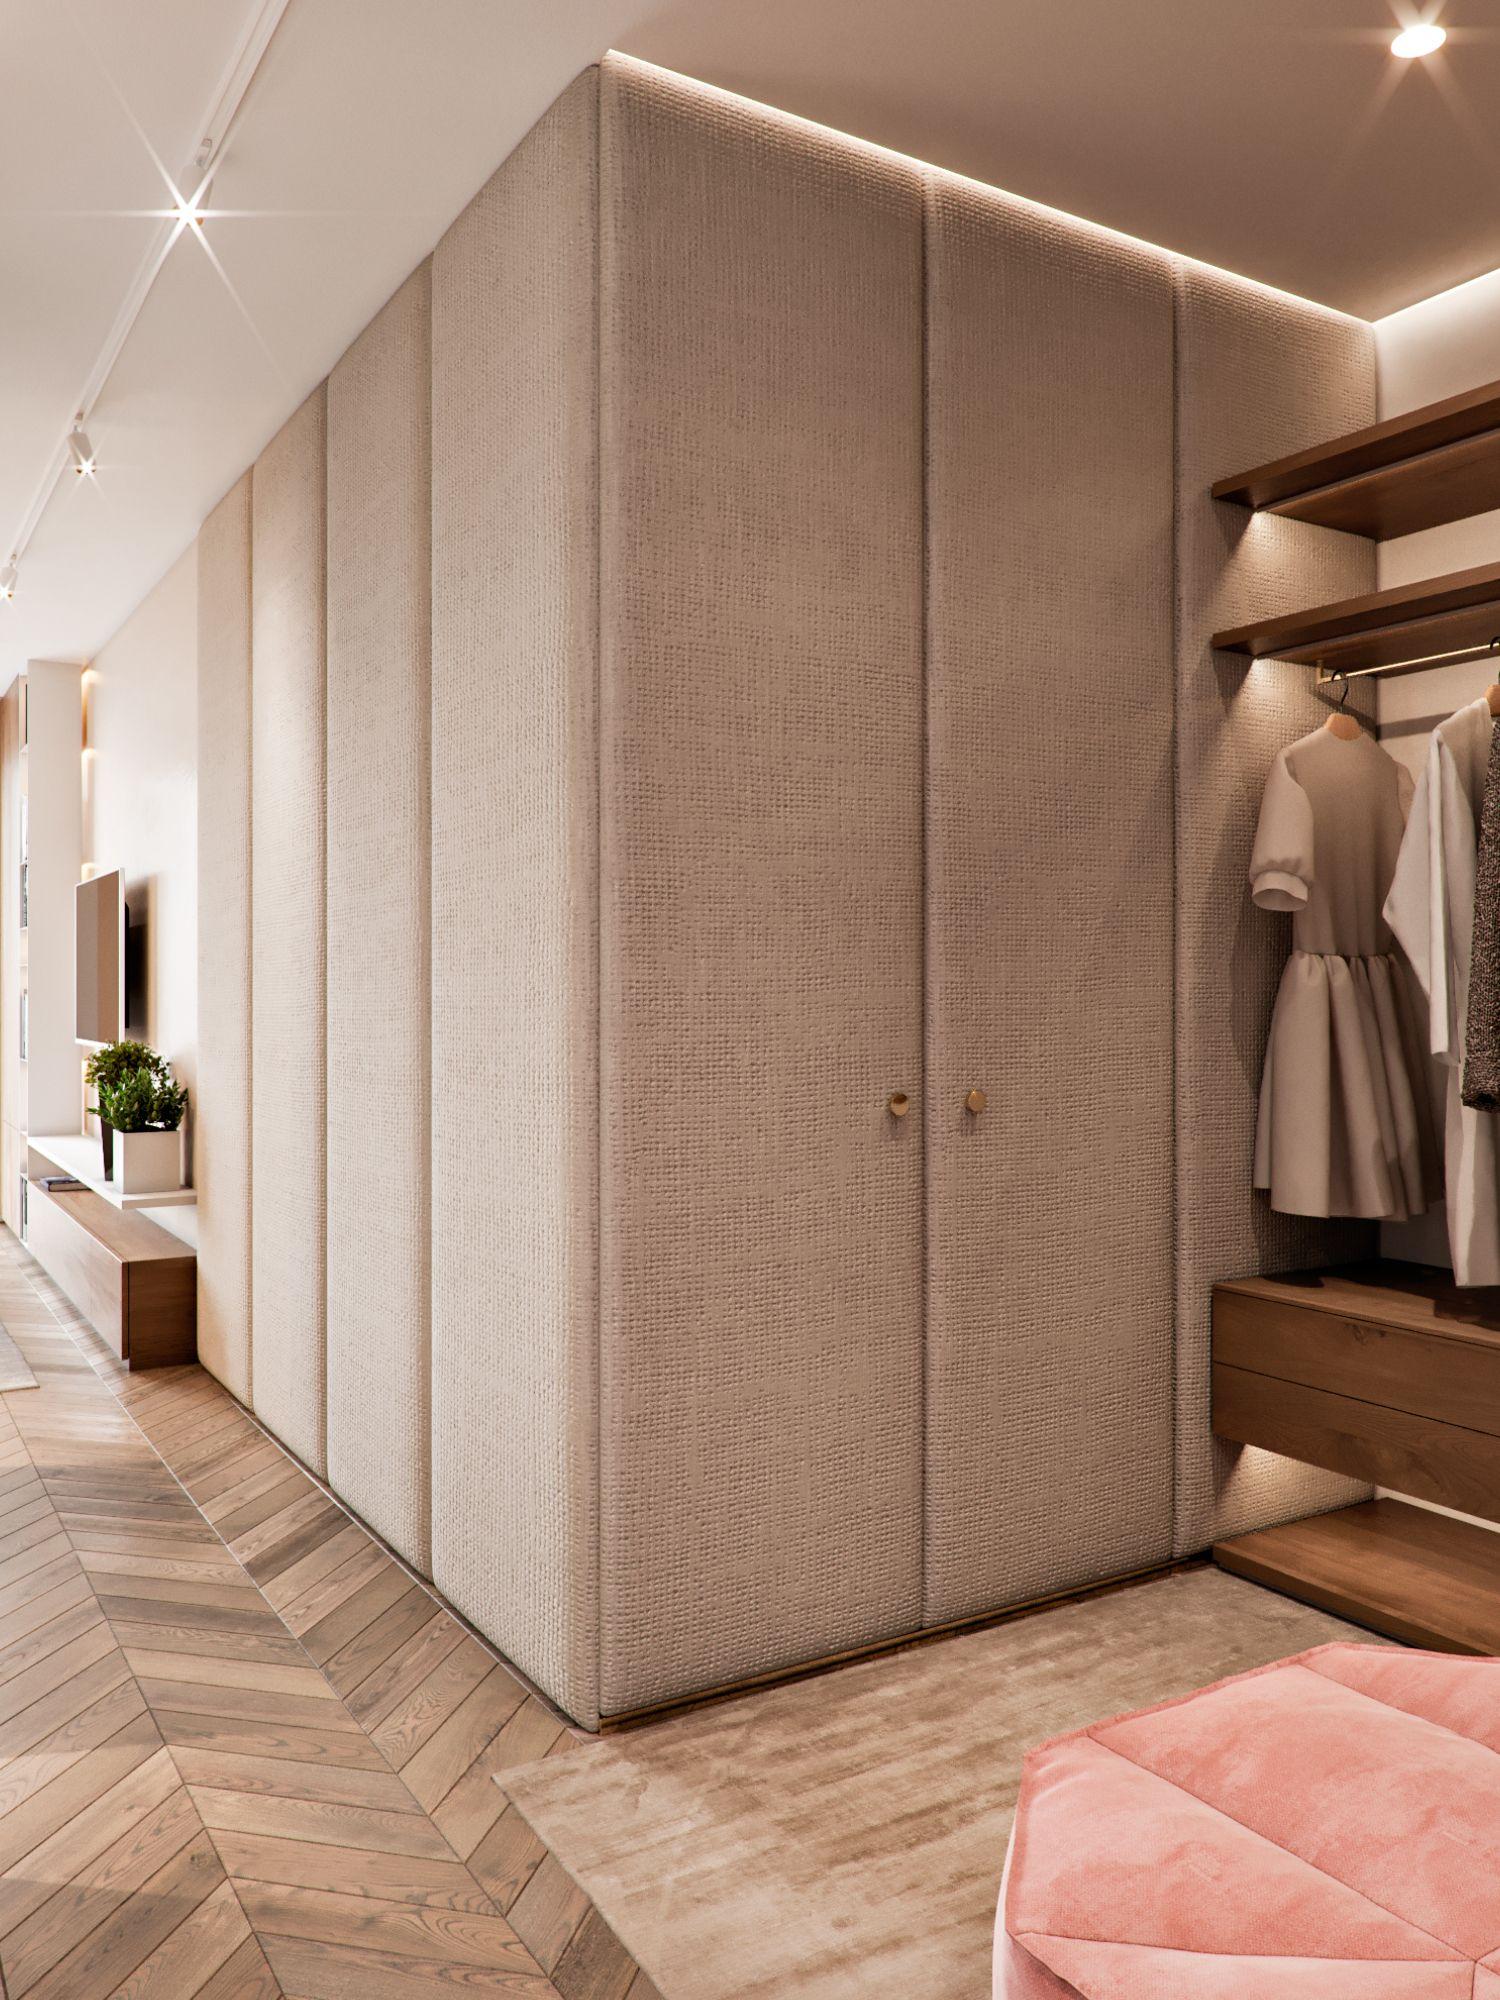 тем более, дизайн коридора с гардеробной в квартире фото прекрасно гурманские